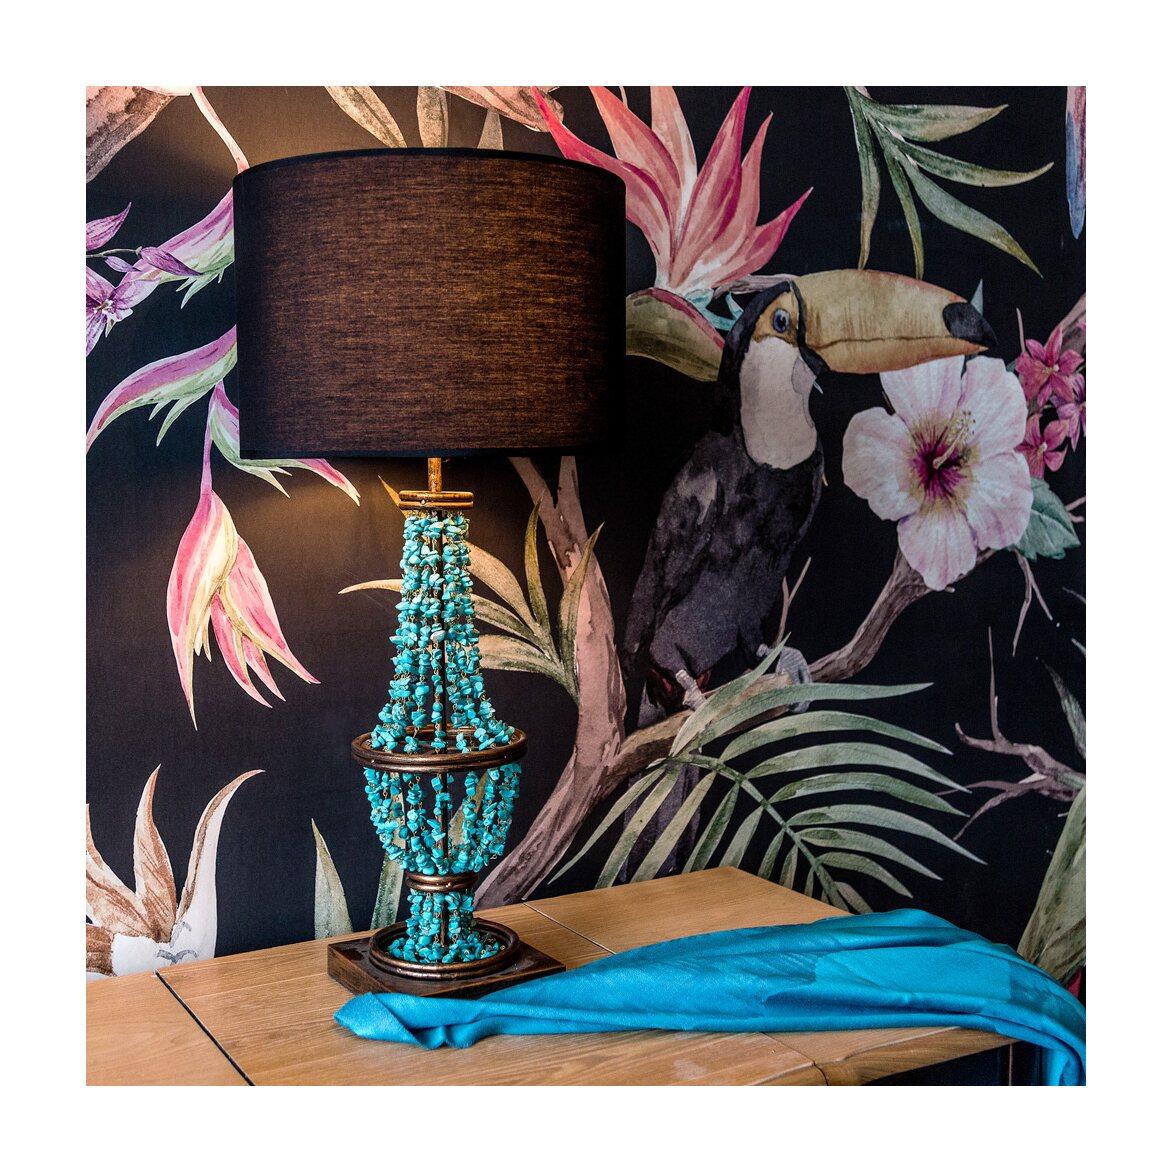 Настольная лампа «Либерти» 2 | Настольные лампы Kingsby